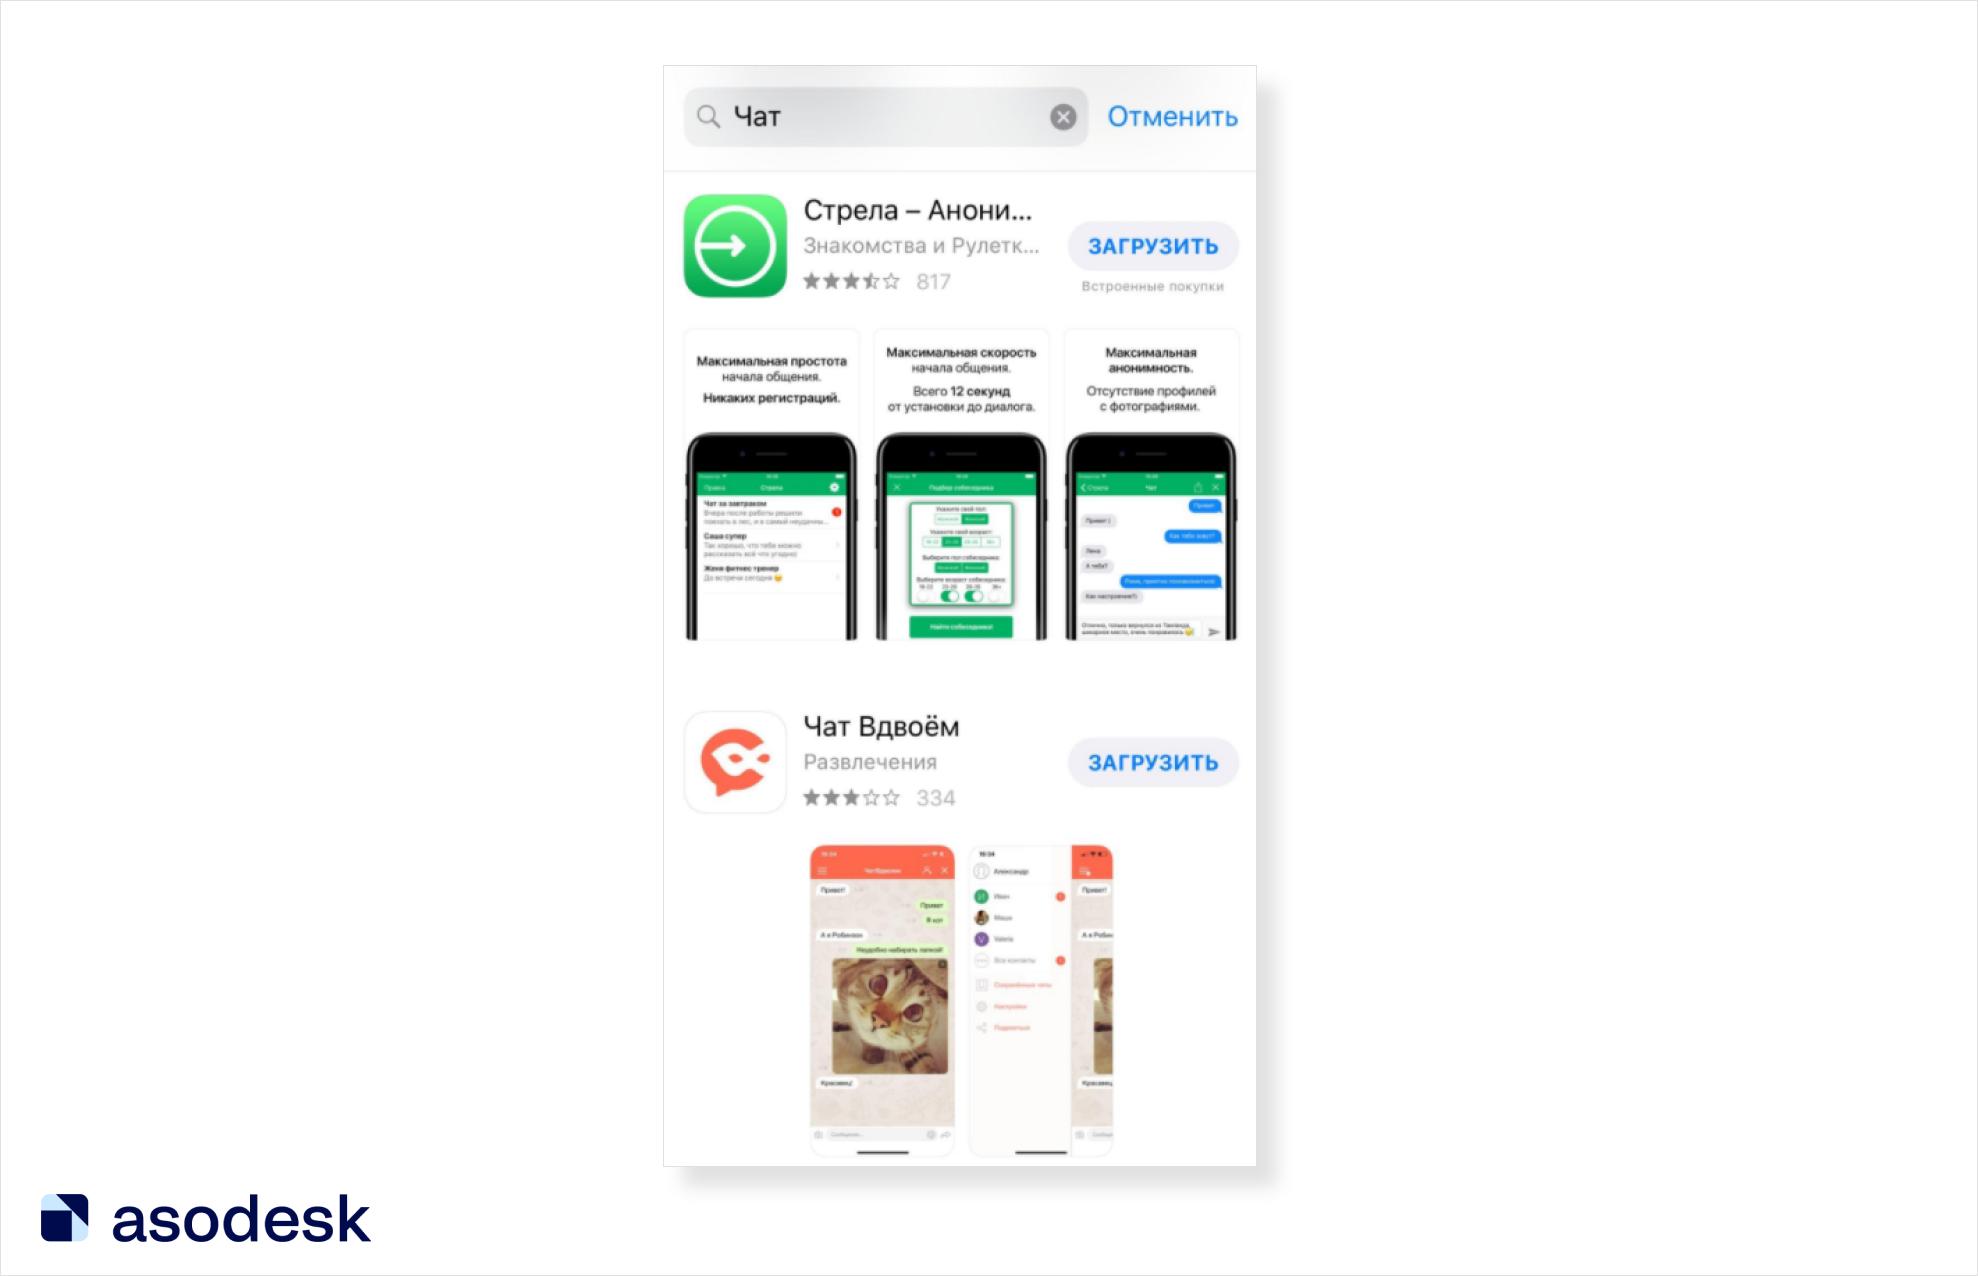 Ключевые слова в Title приложения «Стрела» обрезаются в видимой зоне поиска App Store